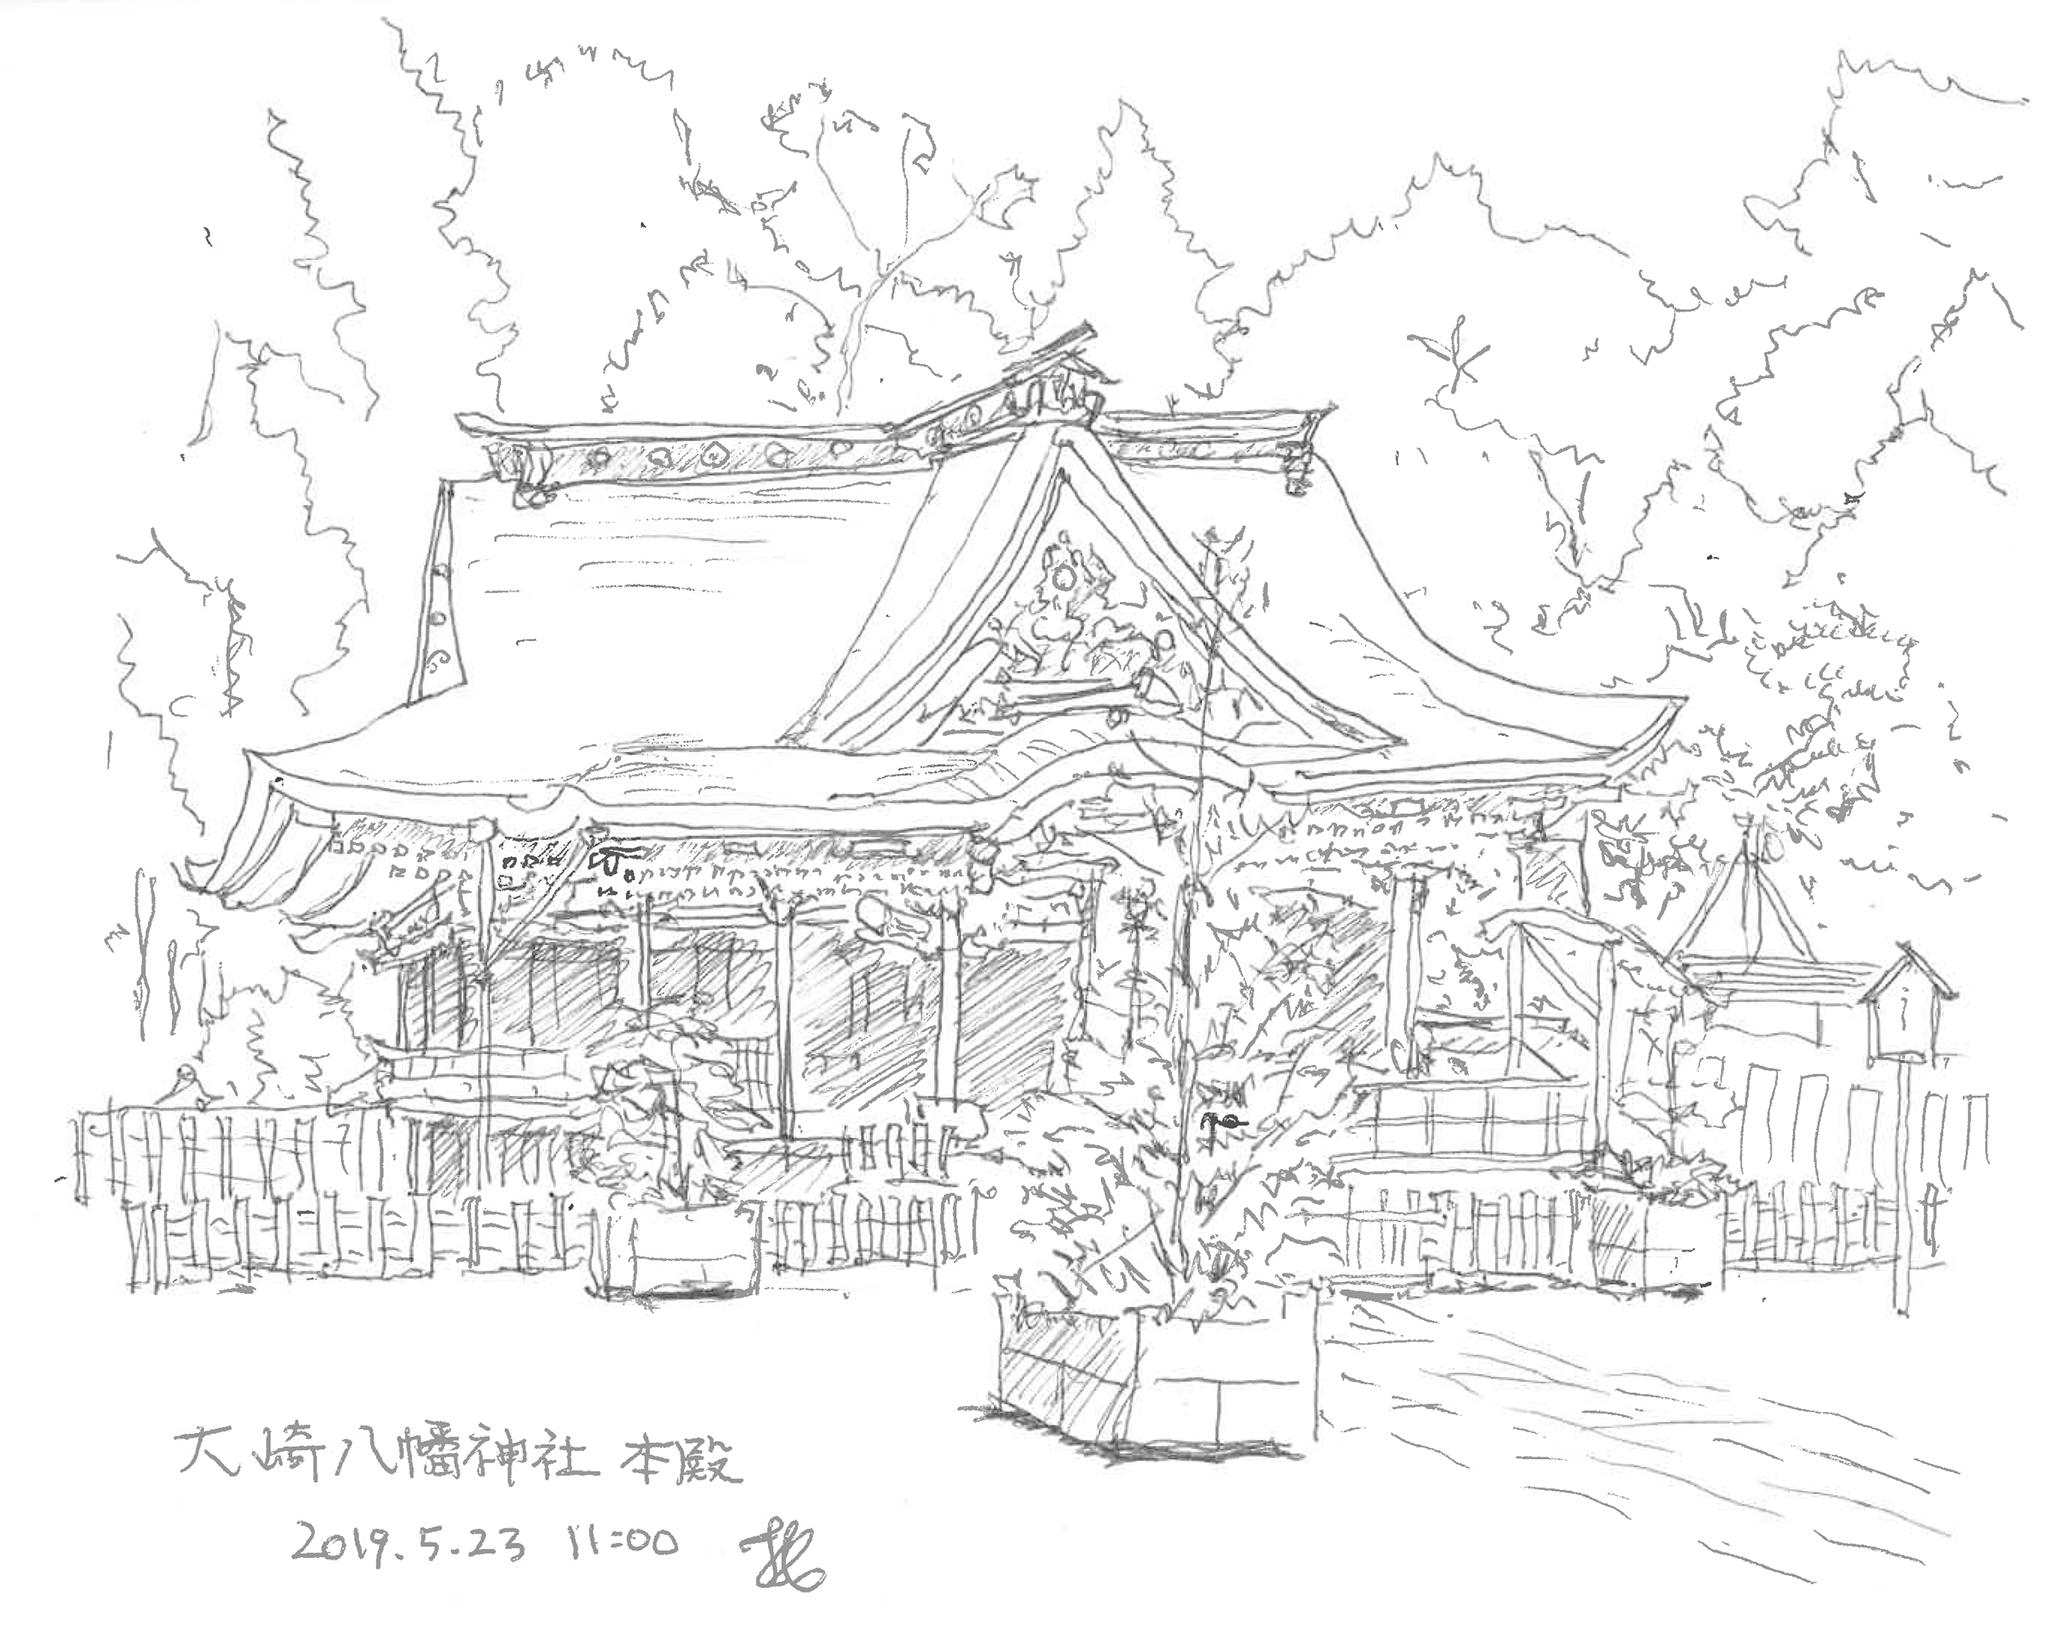 神田順 まちの中の建築スケッチ 大崎八幡宮